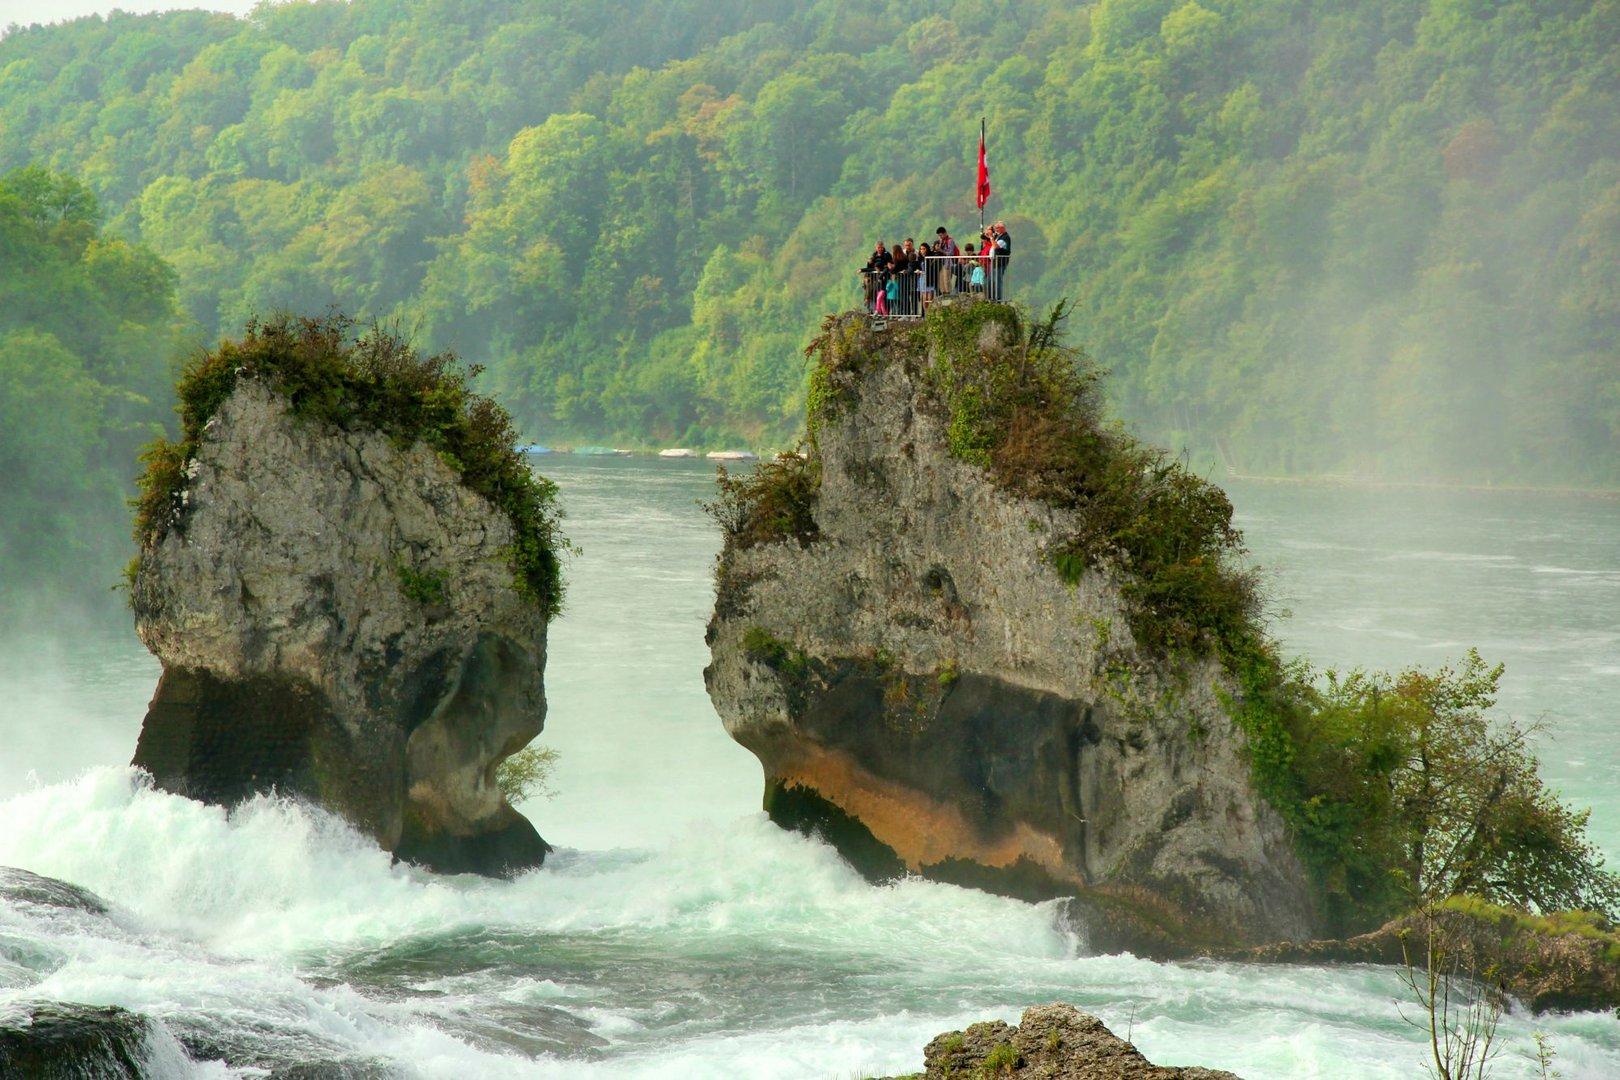 Rheinfall - Wildes Wasser